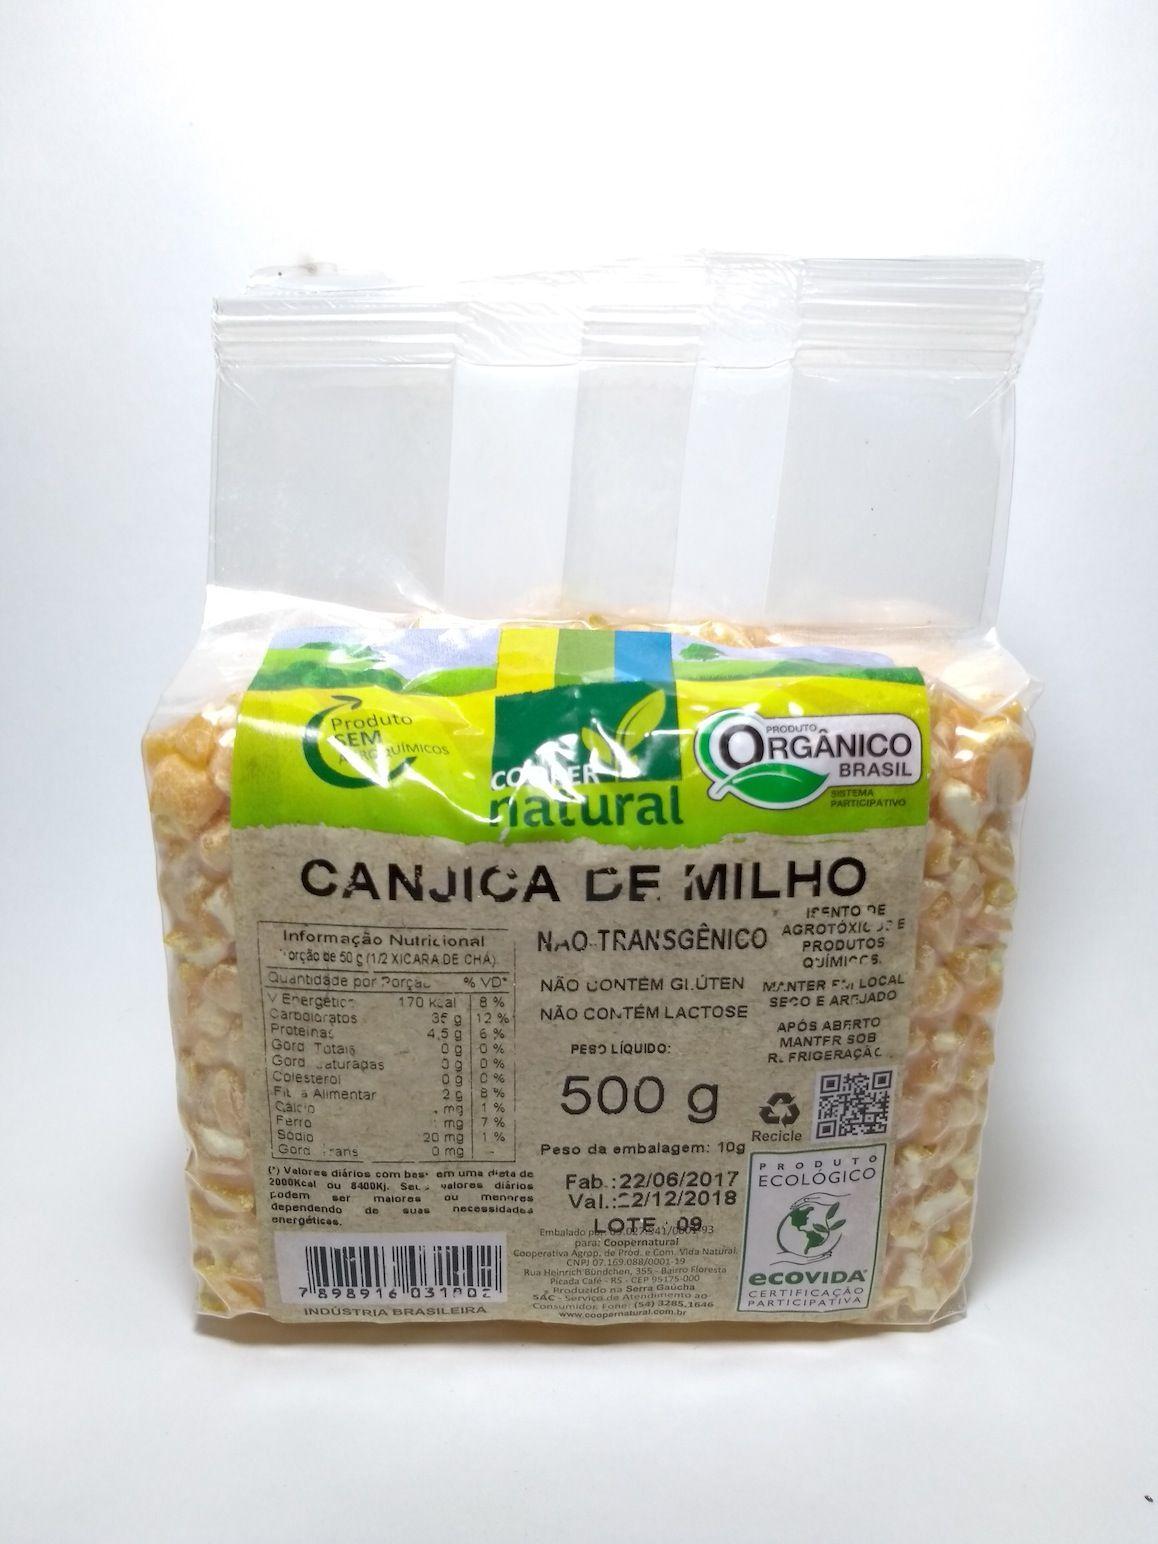 Canjica de milho orgânica, 500g – Coopernatural